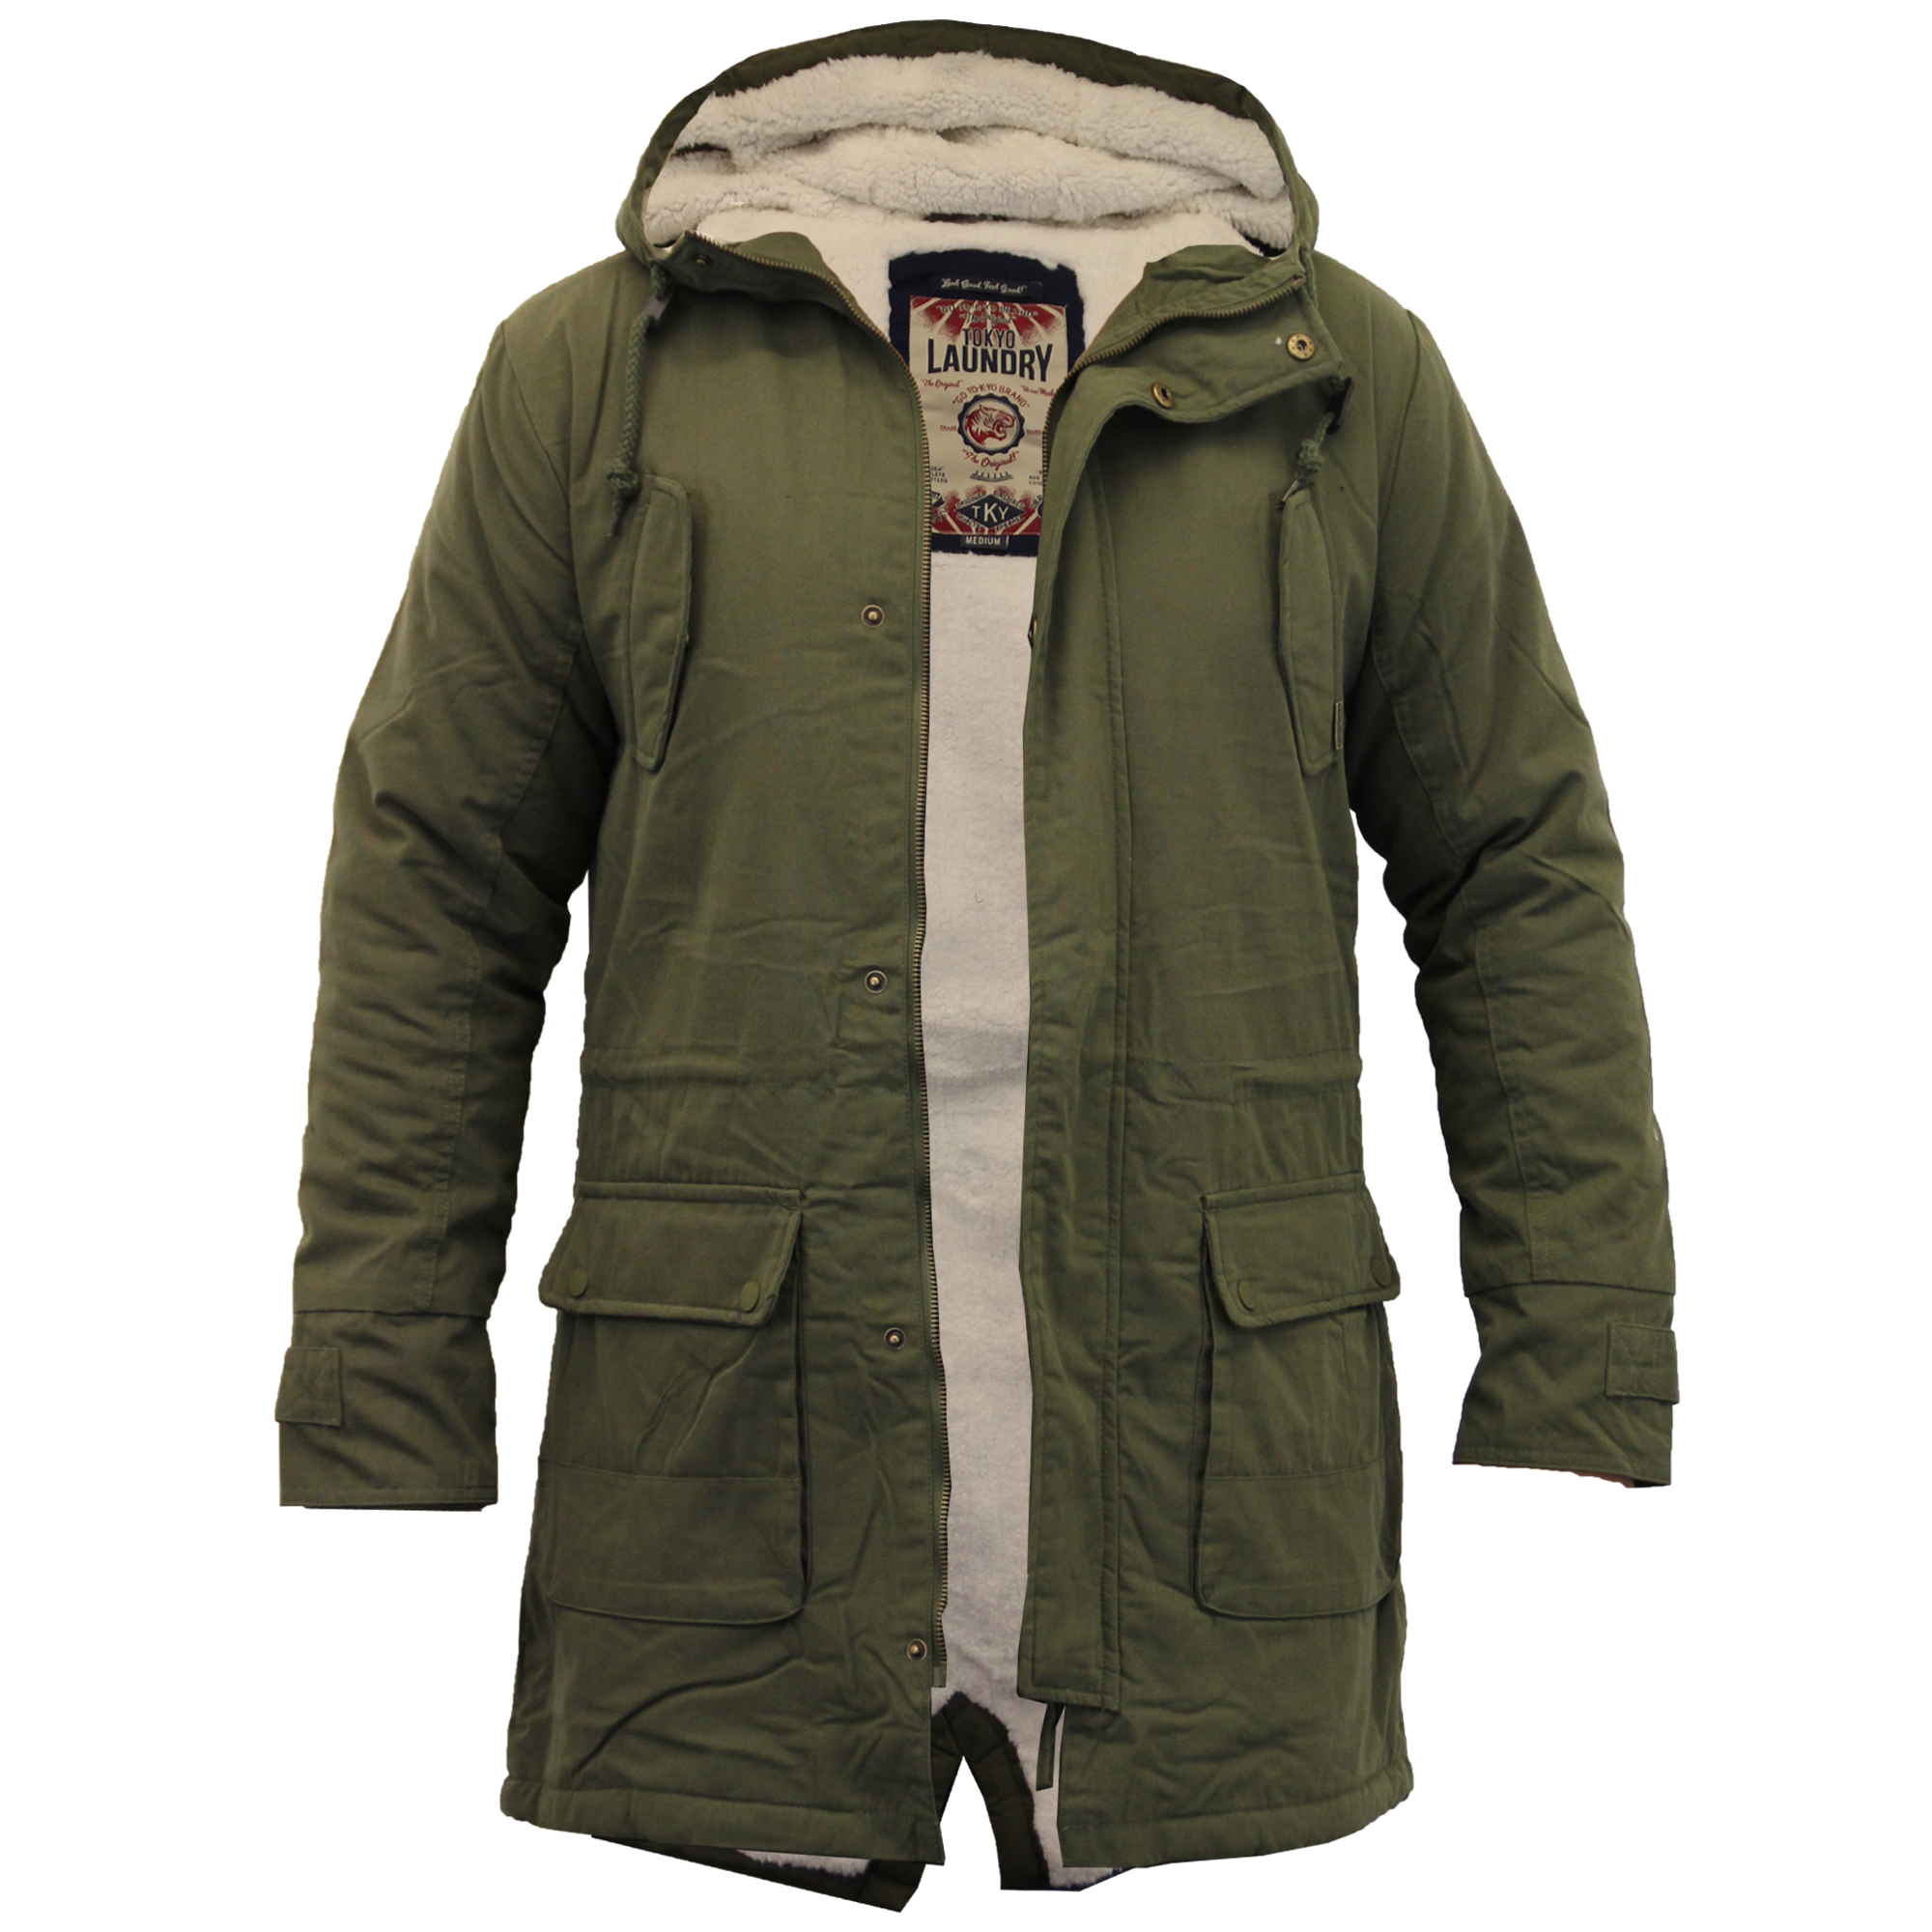 Mens Jacket Tokyo Laundry Parka Coat Hooded Sherpa Lined